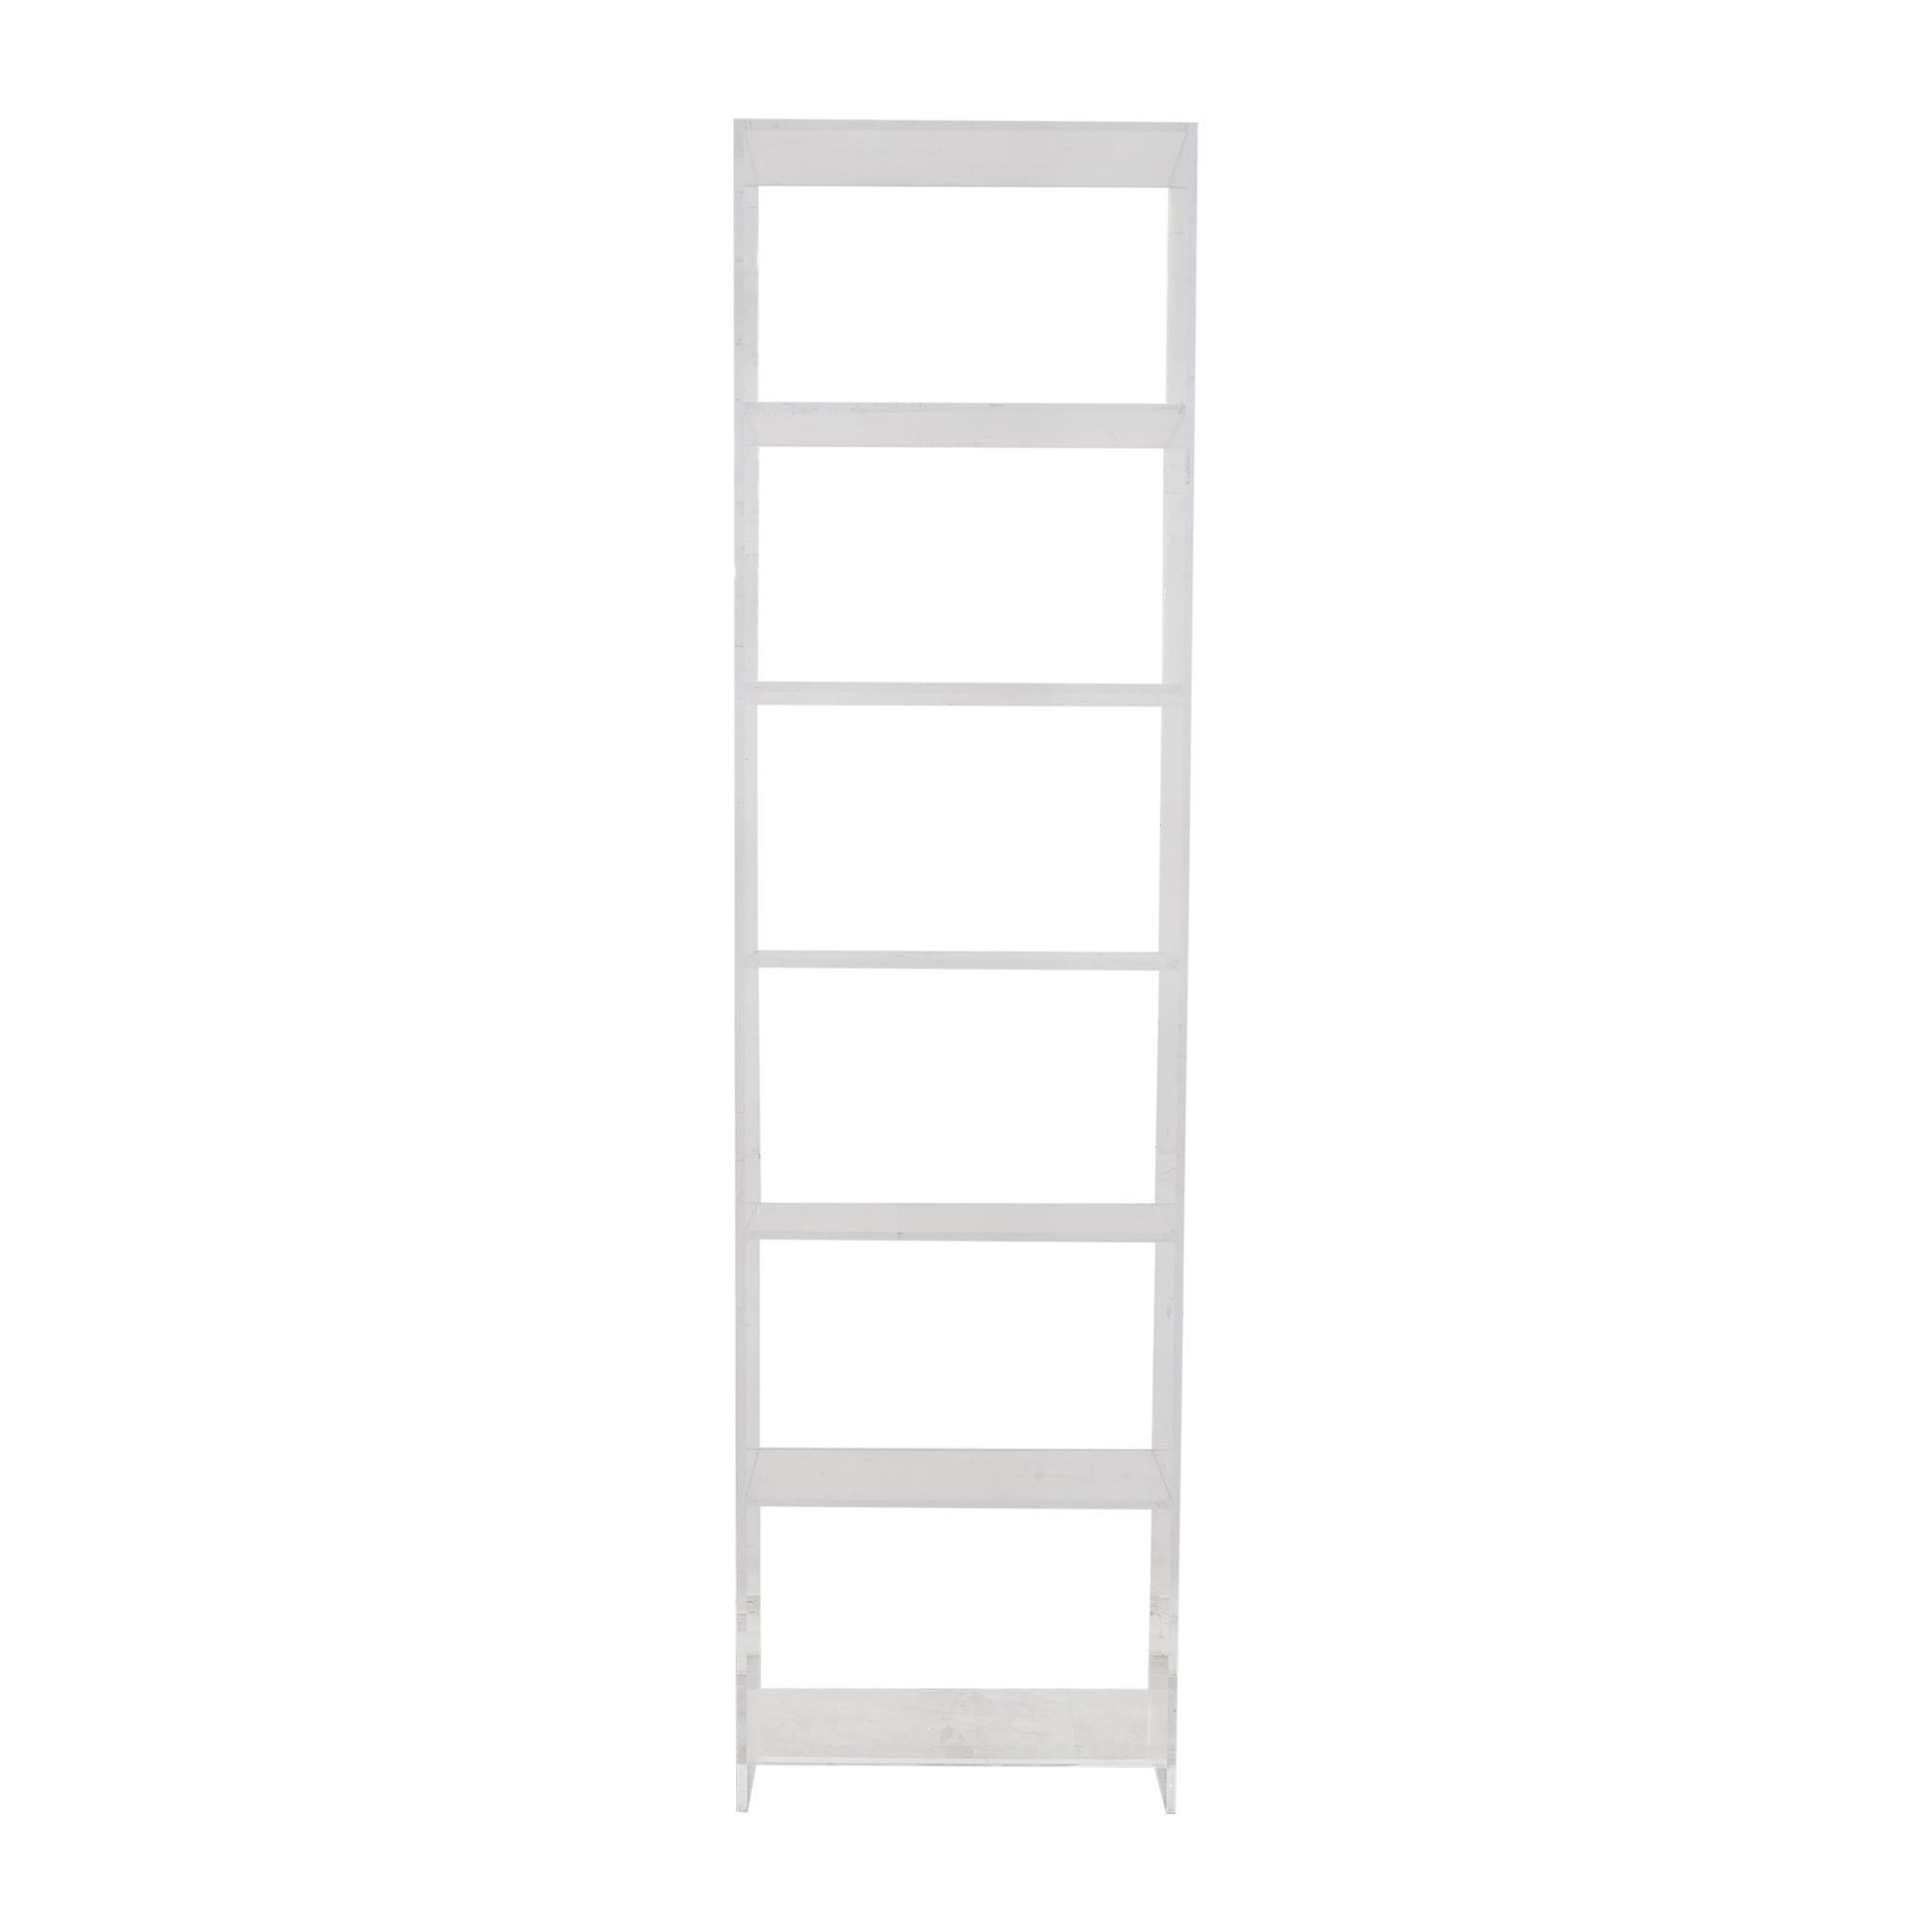 Custom Translucent Bookcase price